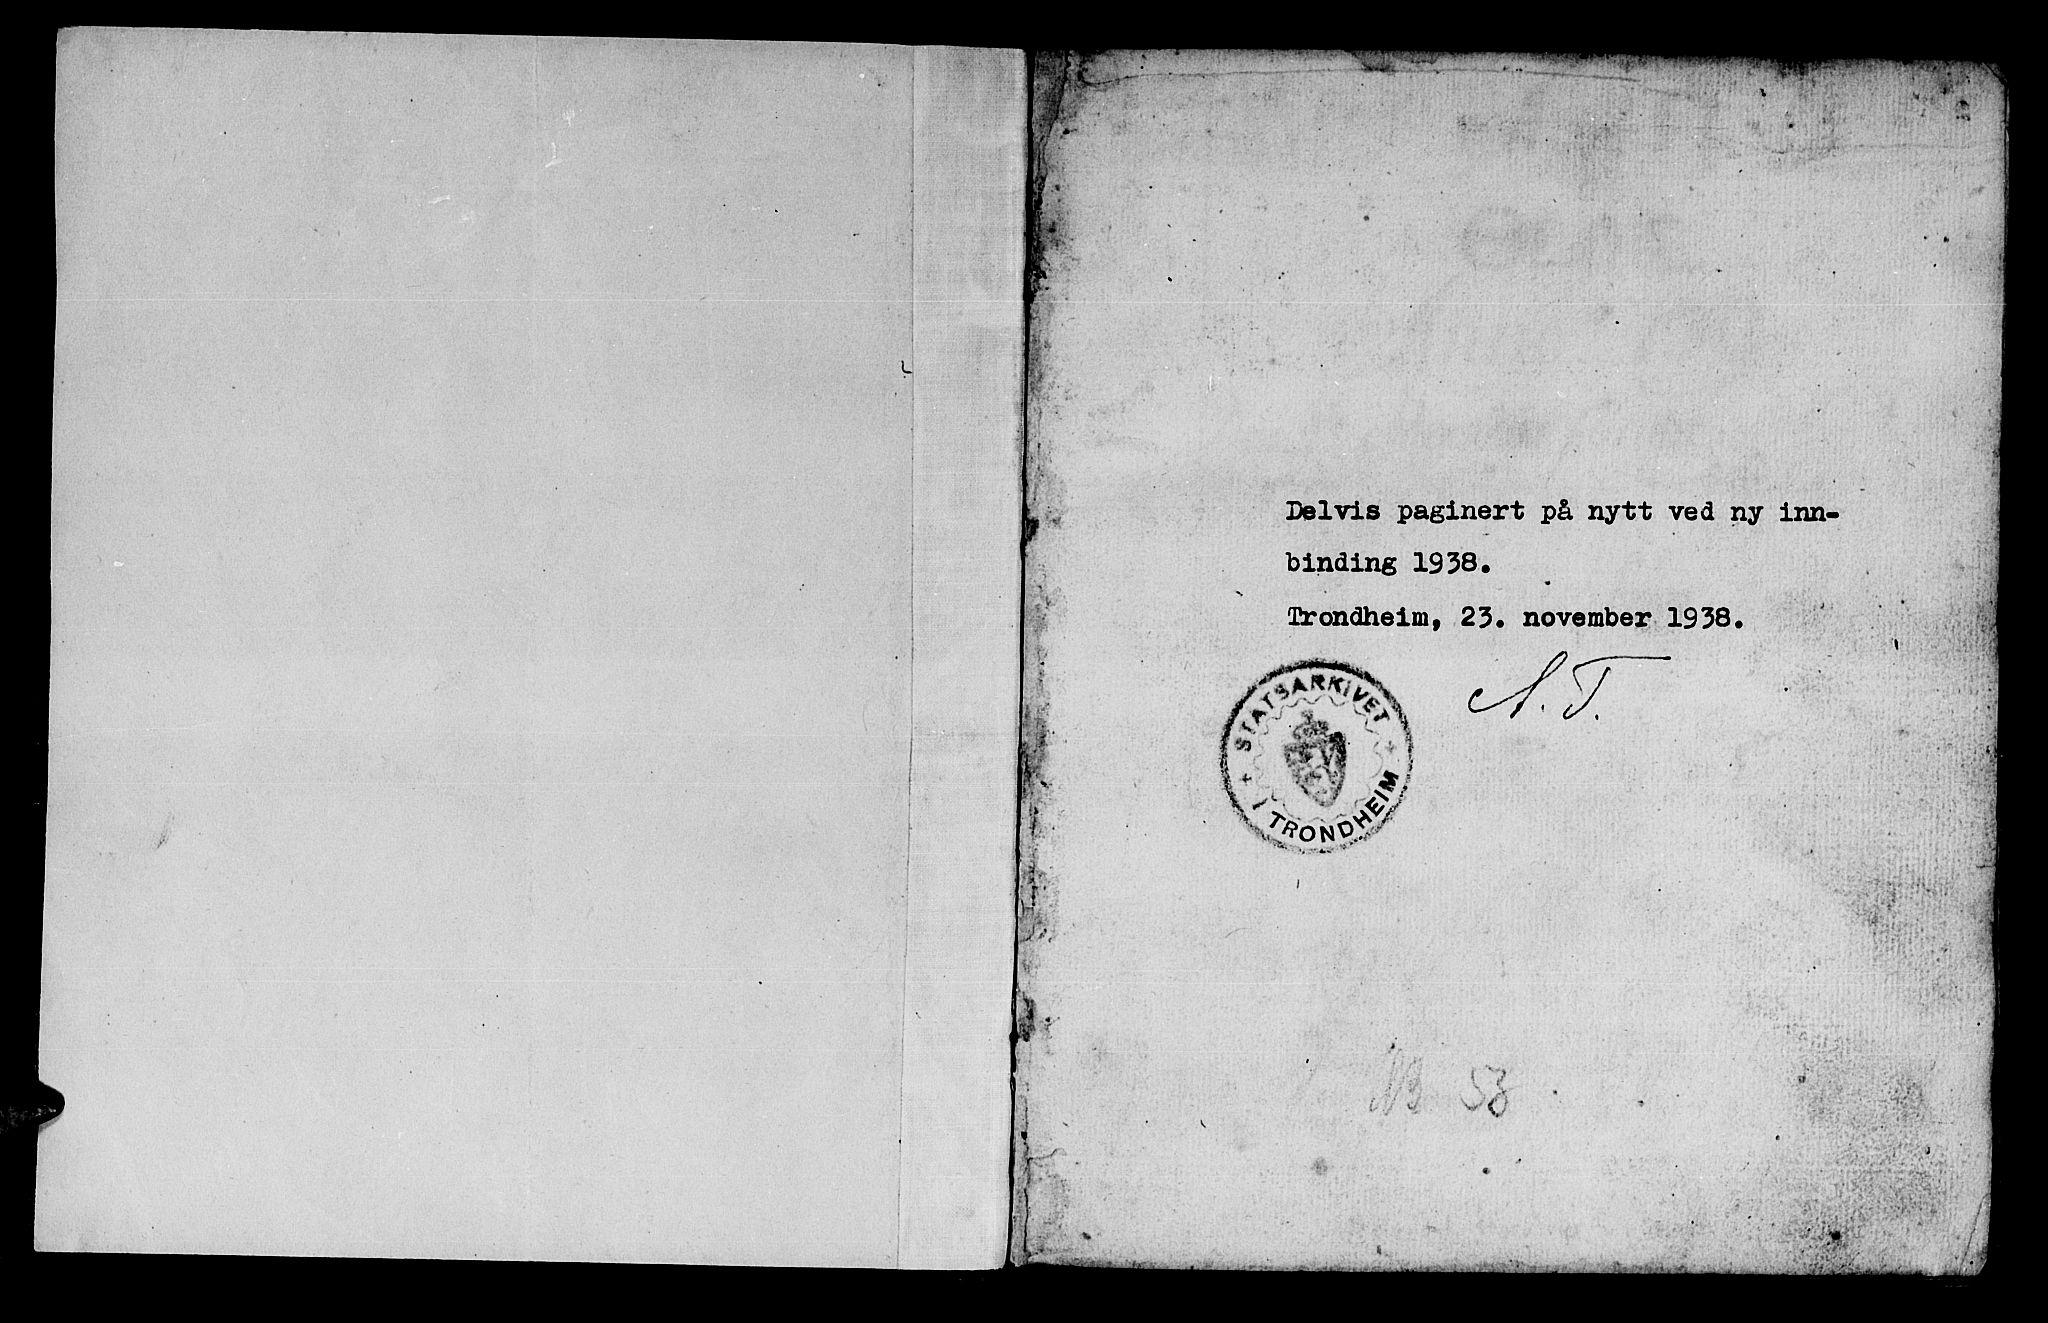 SAT, Ministerialprotokoller, klokkerbøker og fødselsregistre - Sør-Trøndelag, 659/L0731: Ministerialbok nr. 659A01, 1709-1731